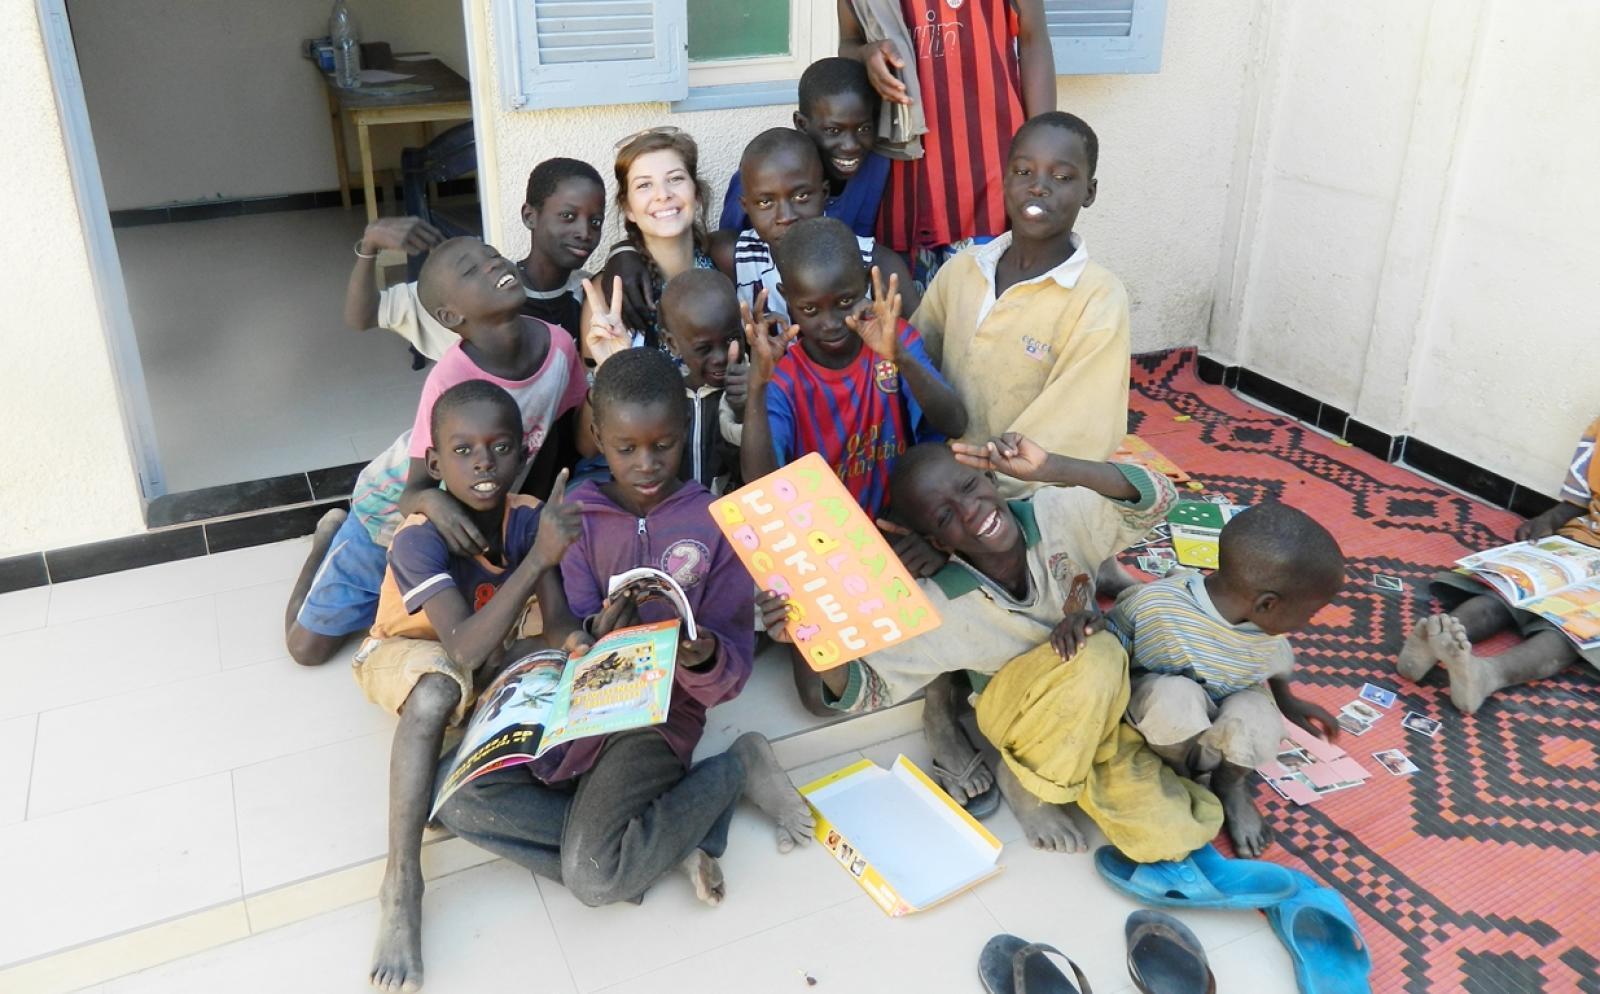 セネガルで子供のケア活動にあたる高校生ボランティア